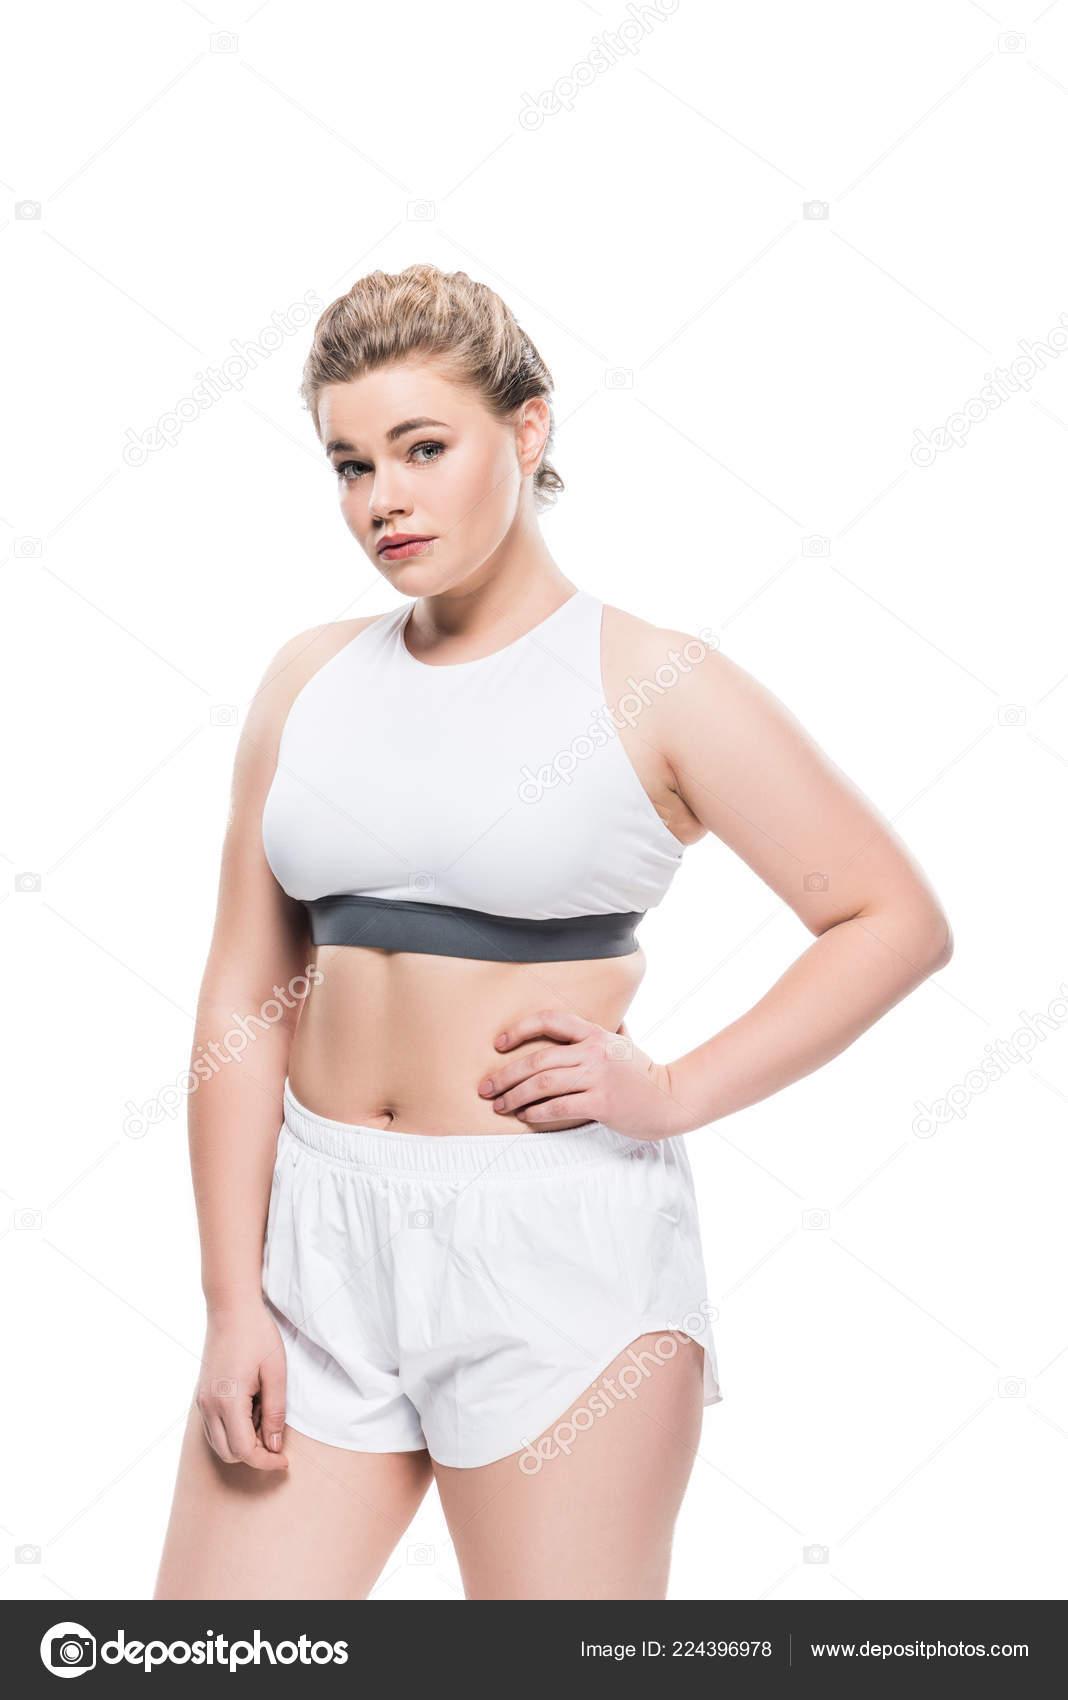 48ae222d202e Νεαρή Γυναίκα Υπέρβαροι Αθλητικά Ενδύματα Στέκεται Χέρι Στην Μέση Και — Φωτογραφία  Αρχείου